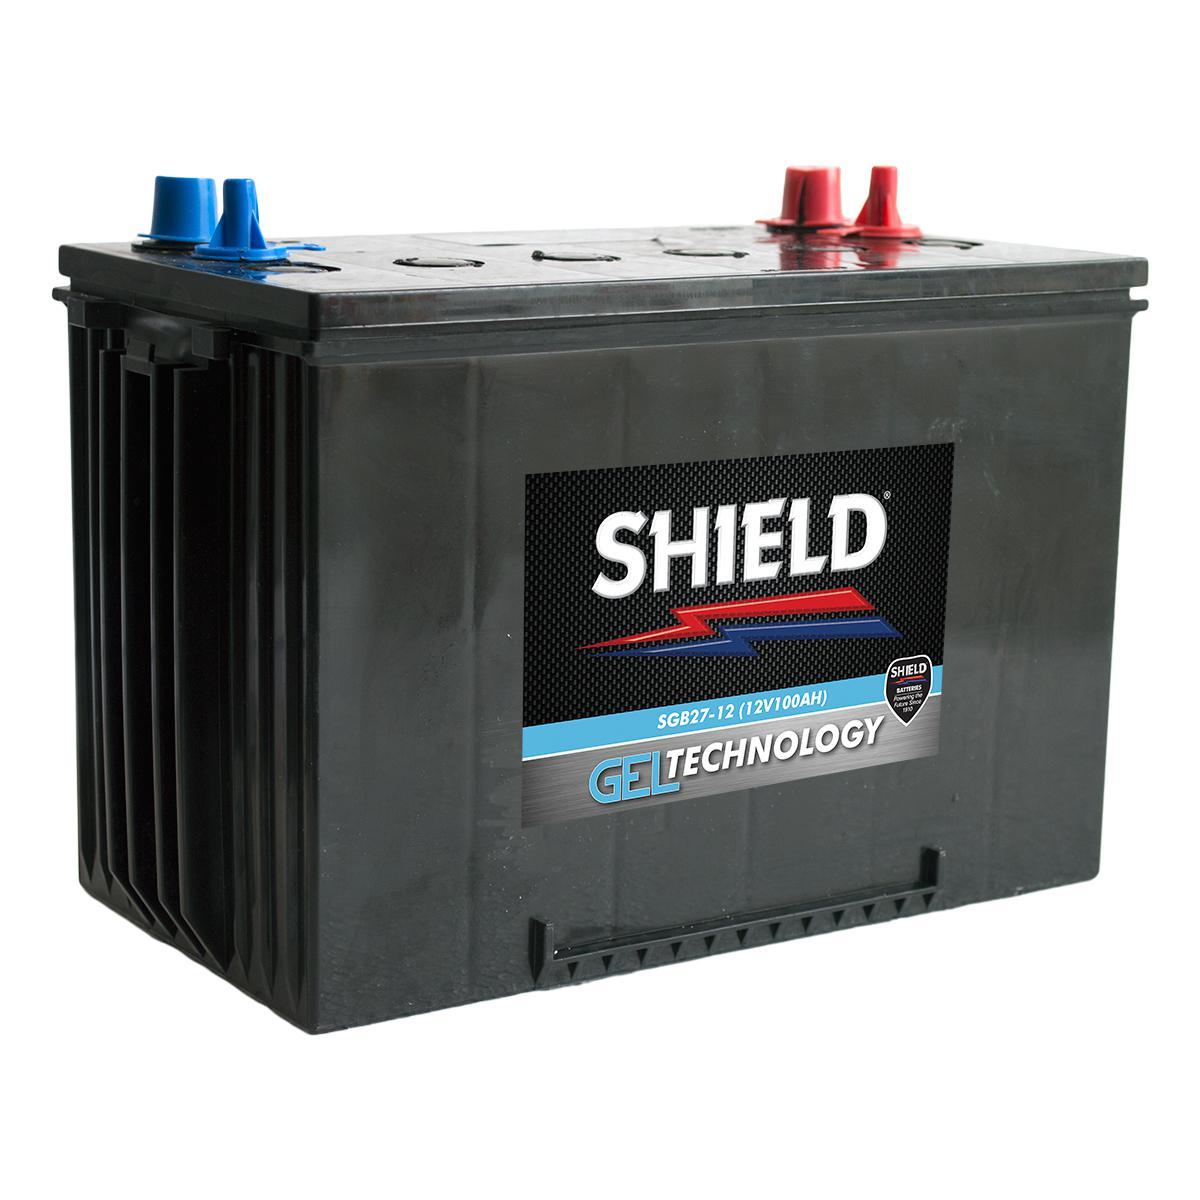 shield sgb27 12 gel marine battery. Black Bedroom Furniture Sets. Home Design Ideas